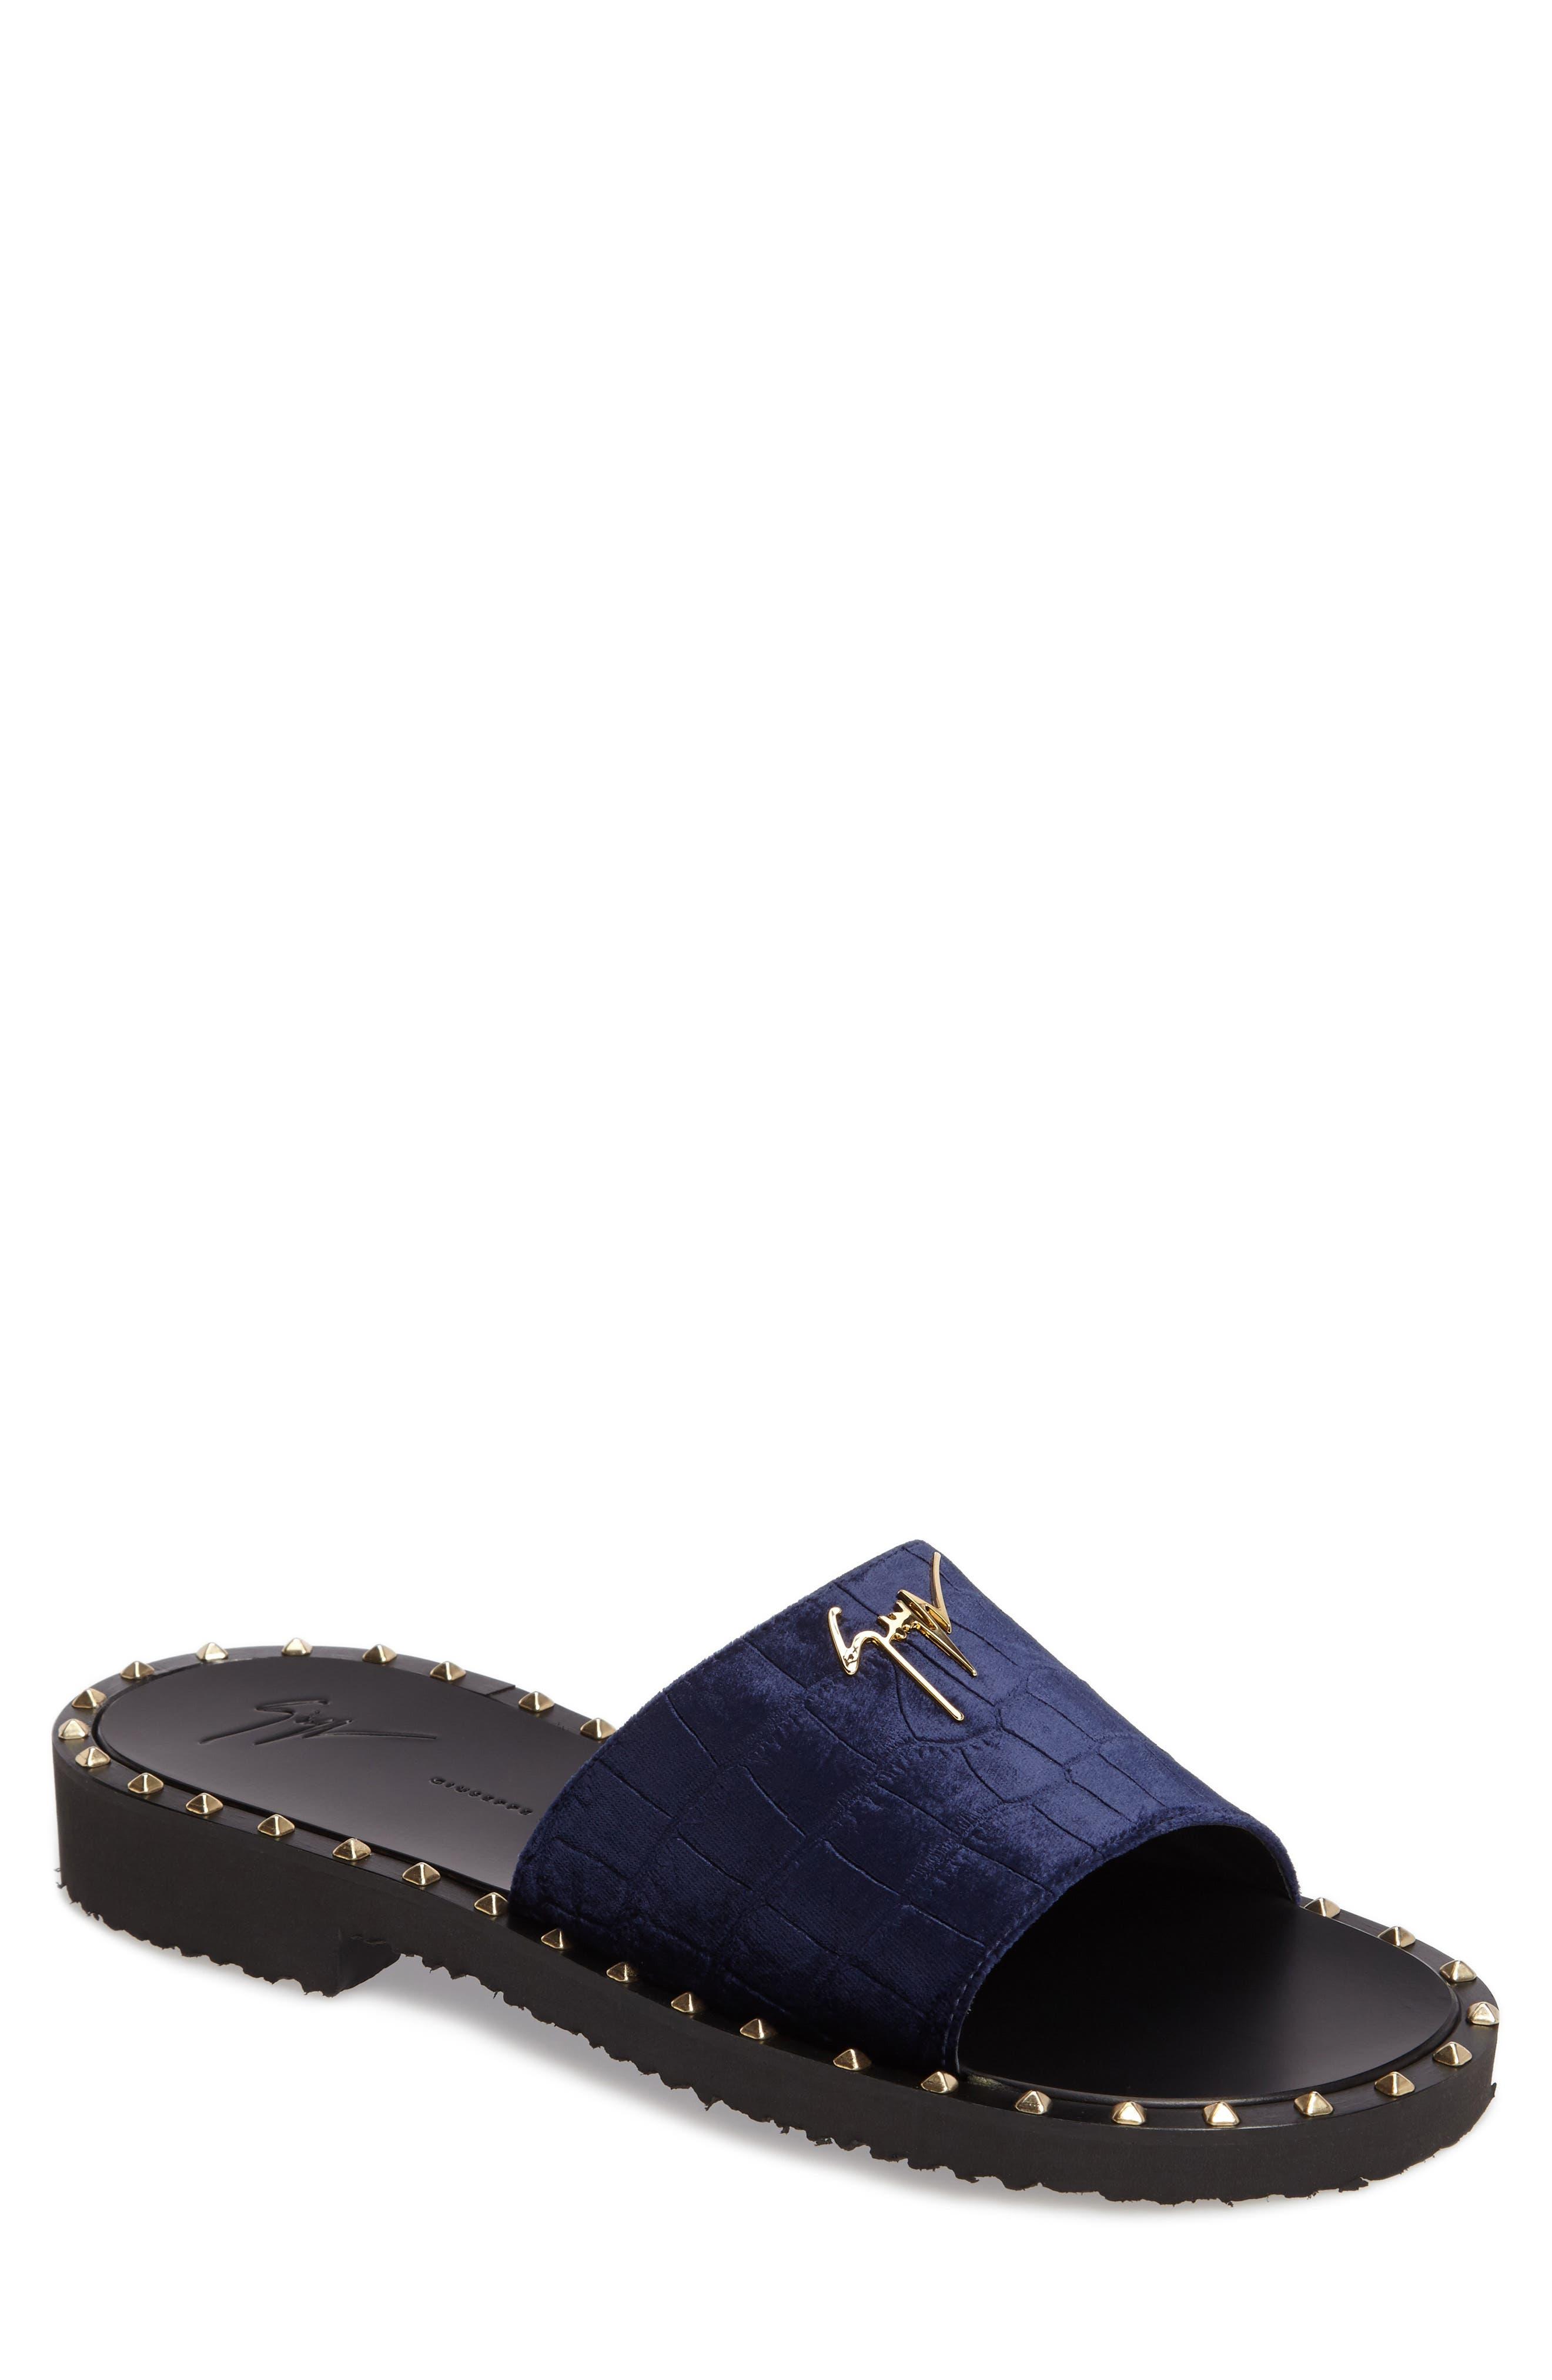 GIUSEPPE ZANOTTI Studded Slide Sandal